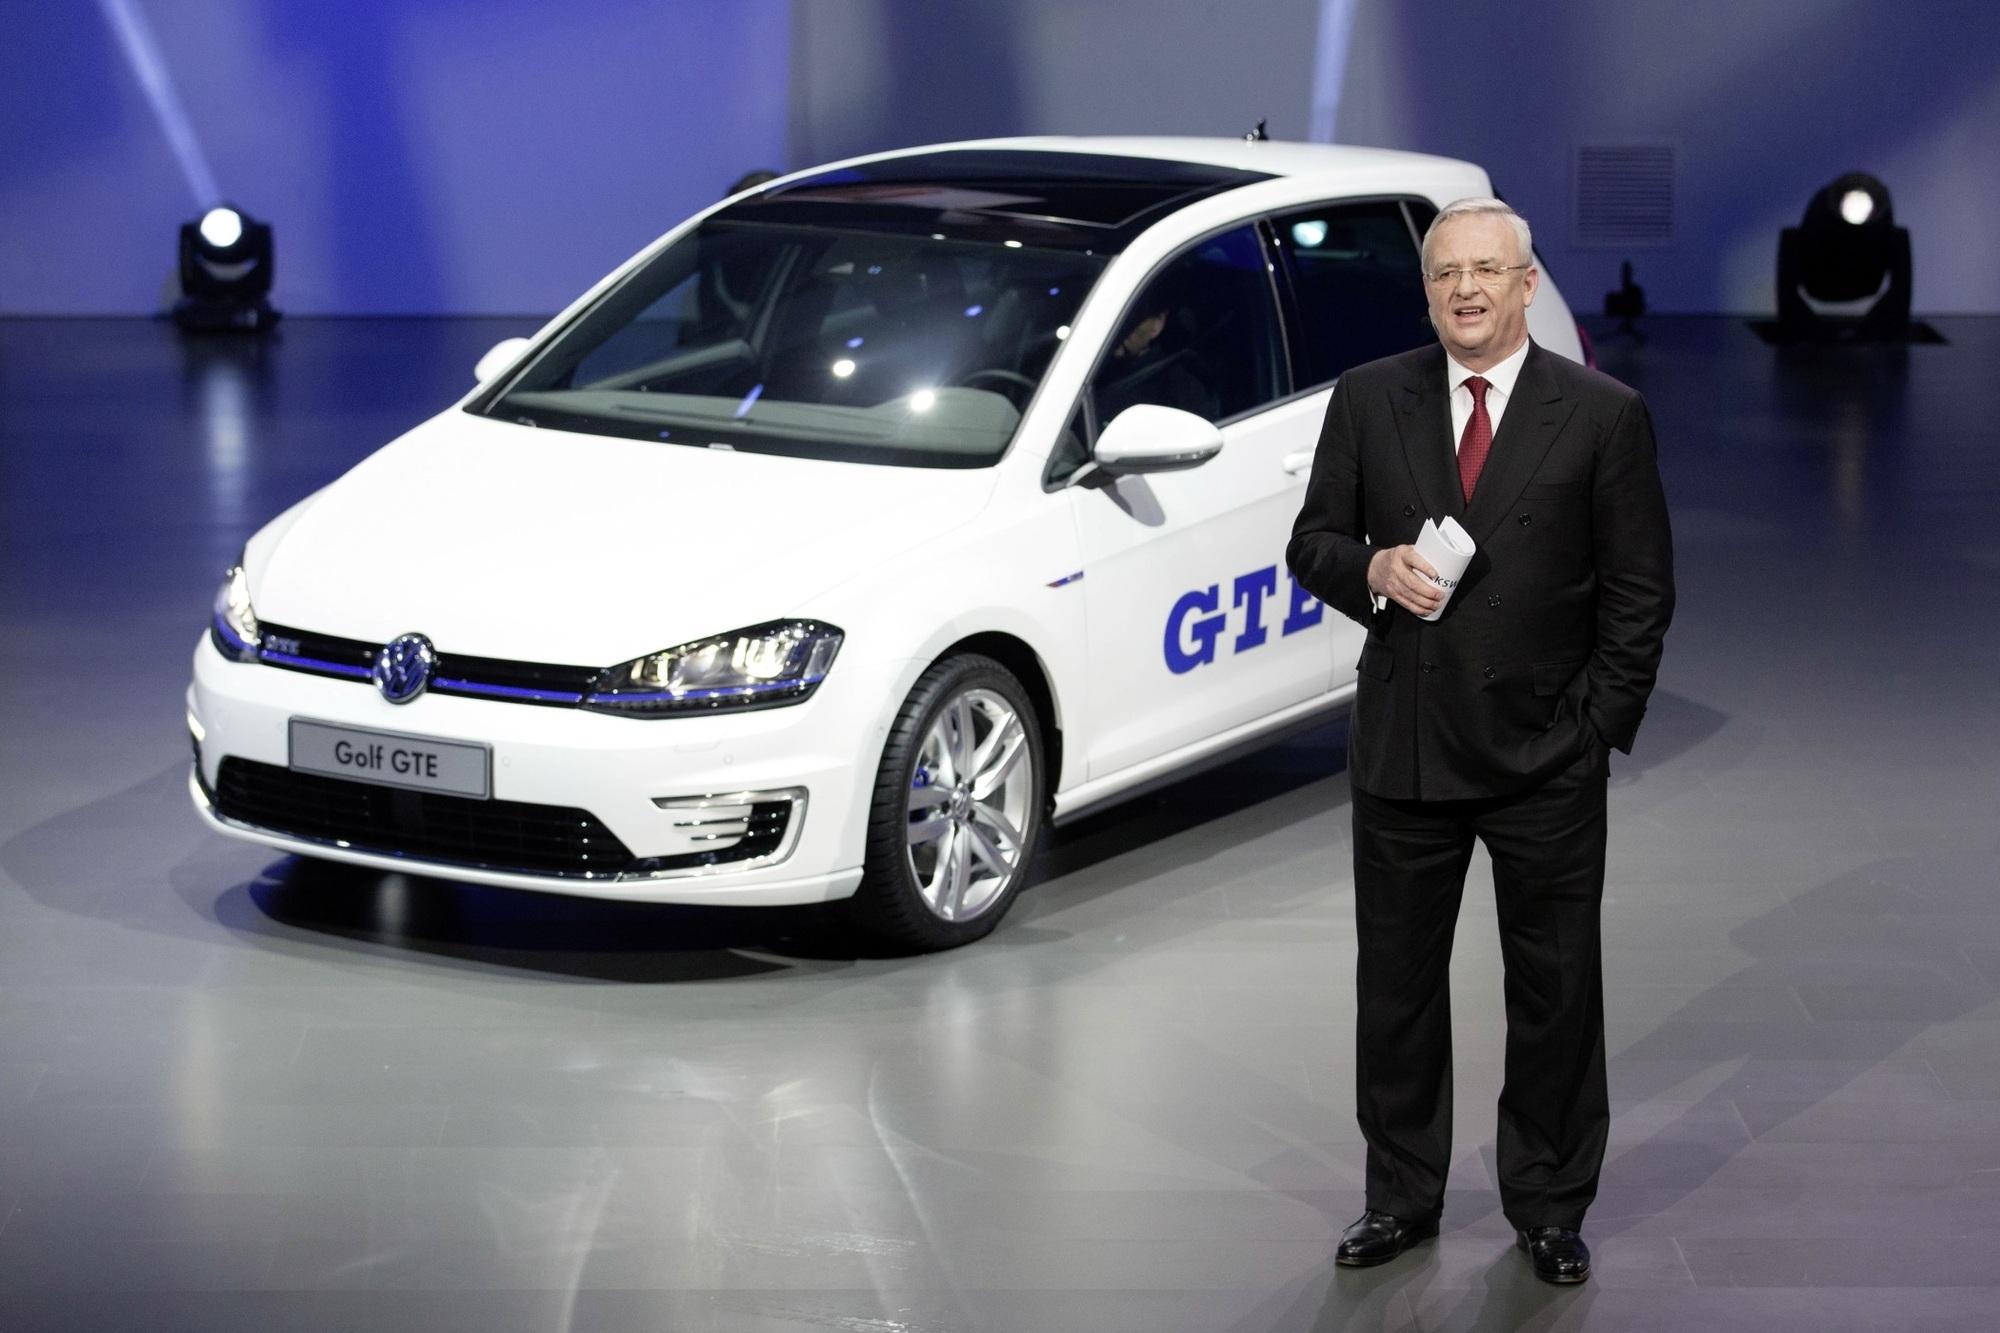 Fragen an Martin Winterkorn, Vorstandsvorsitzender der Volkswagen AG - Hybridtechnik wird ausgebaut